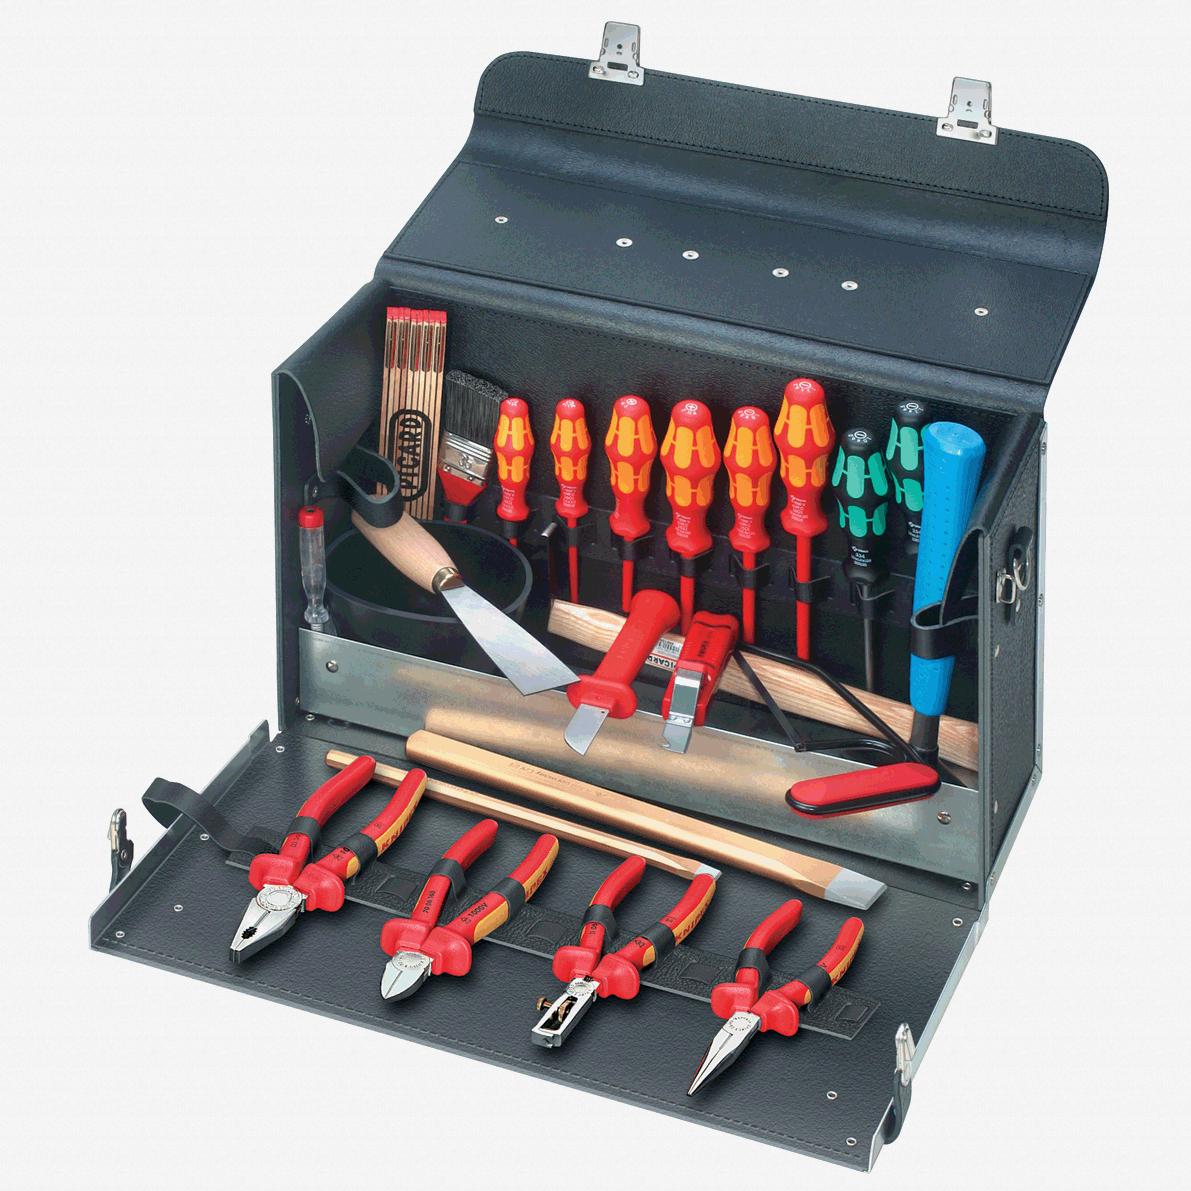 Knipex 00-21-01-TL 24 Piece Electrical Contractors Tool Bag Set - KC Tool